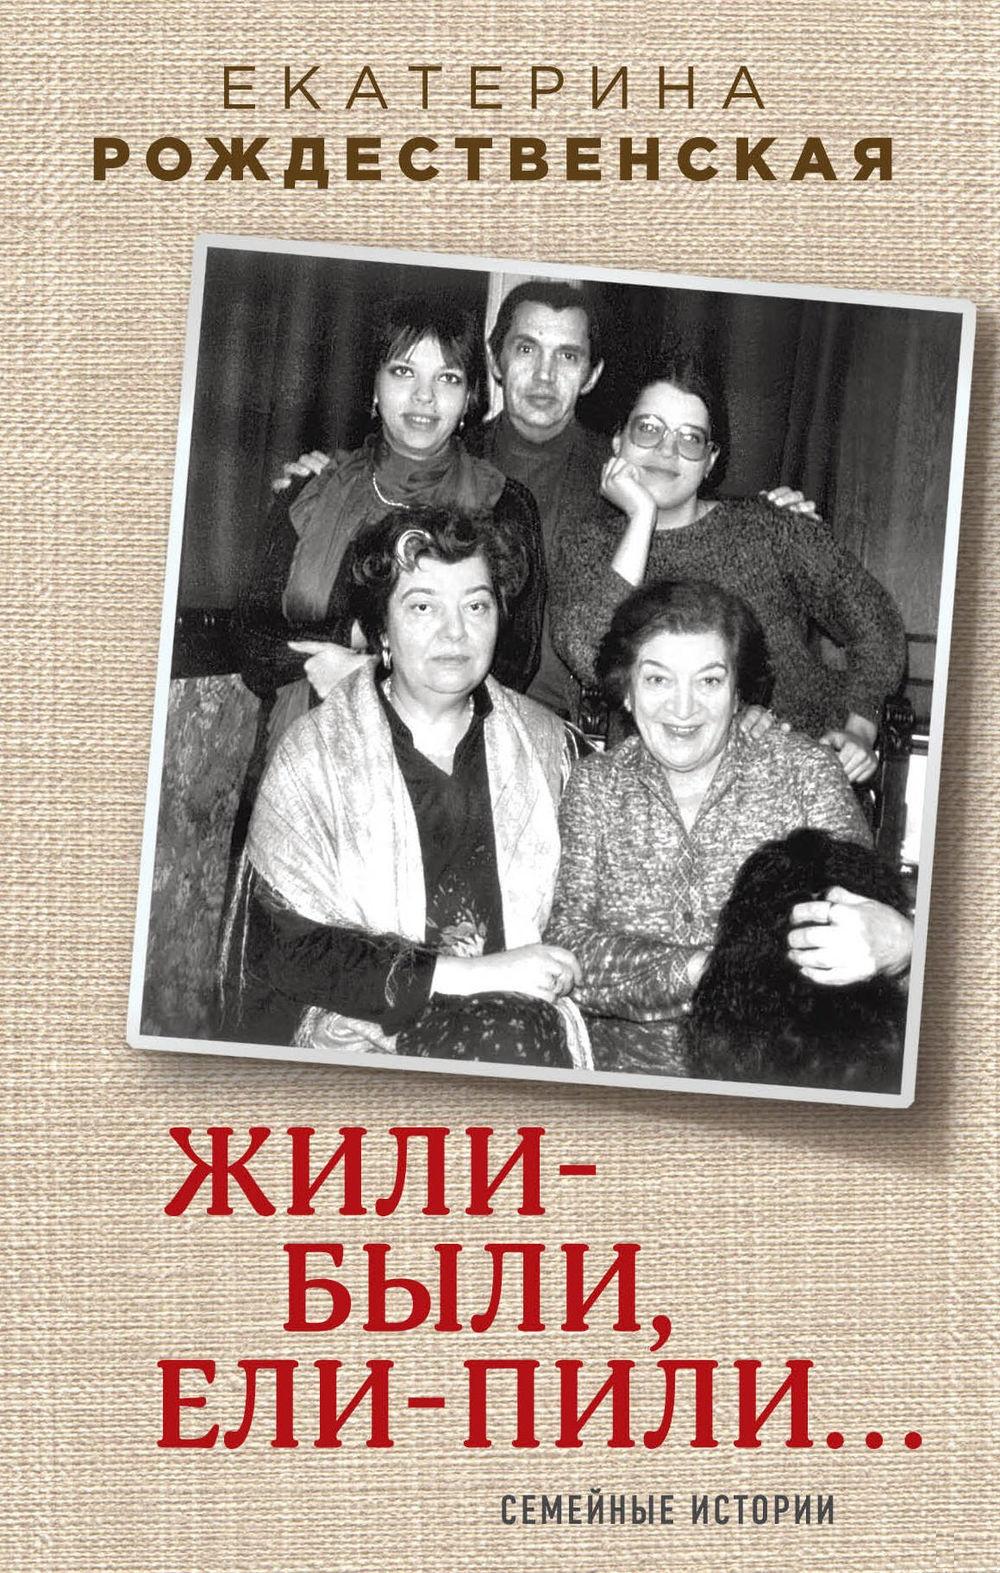 Купить Жили-были, ели-пили. Семейные истории, Екатерина Рождественская, 978-5-04-089561-8